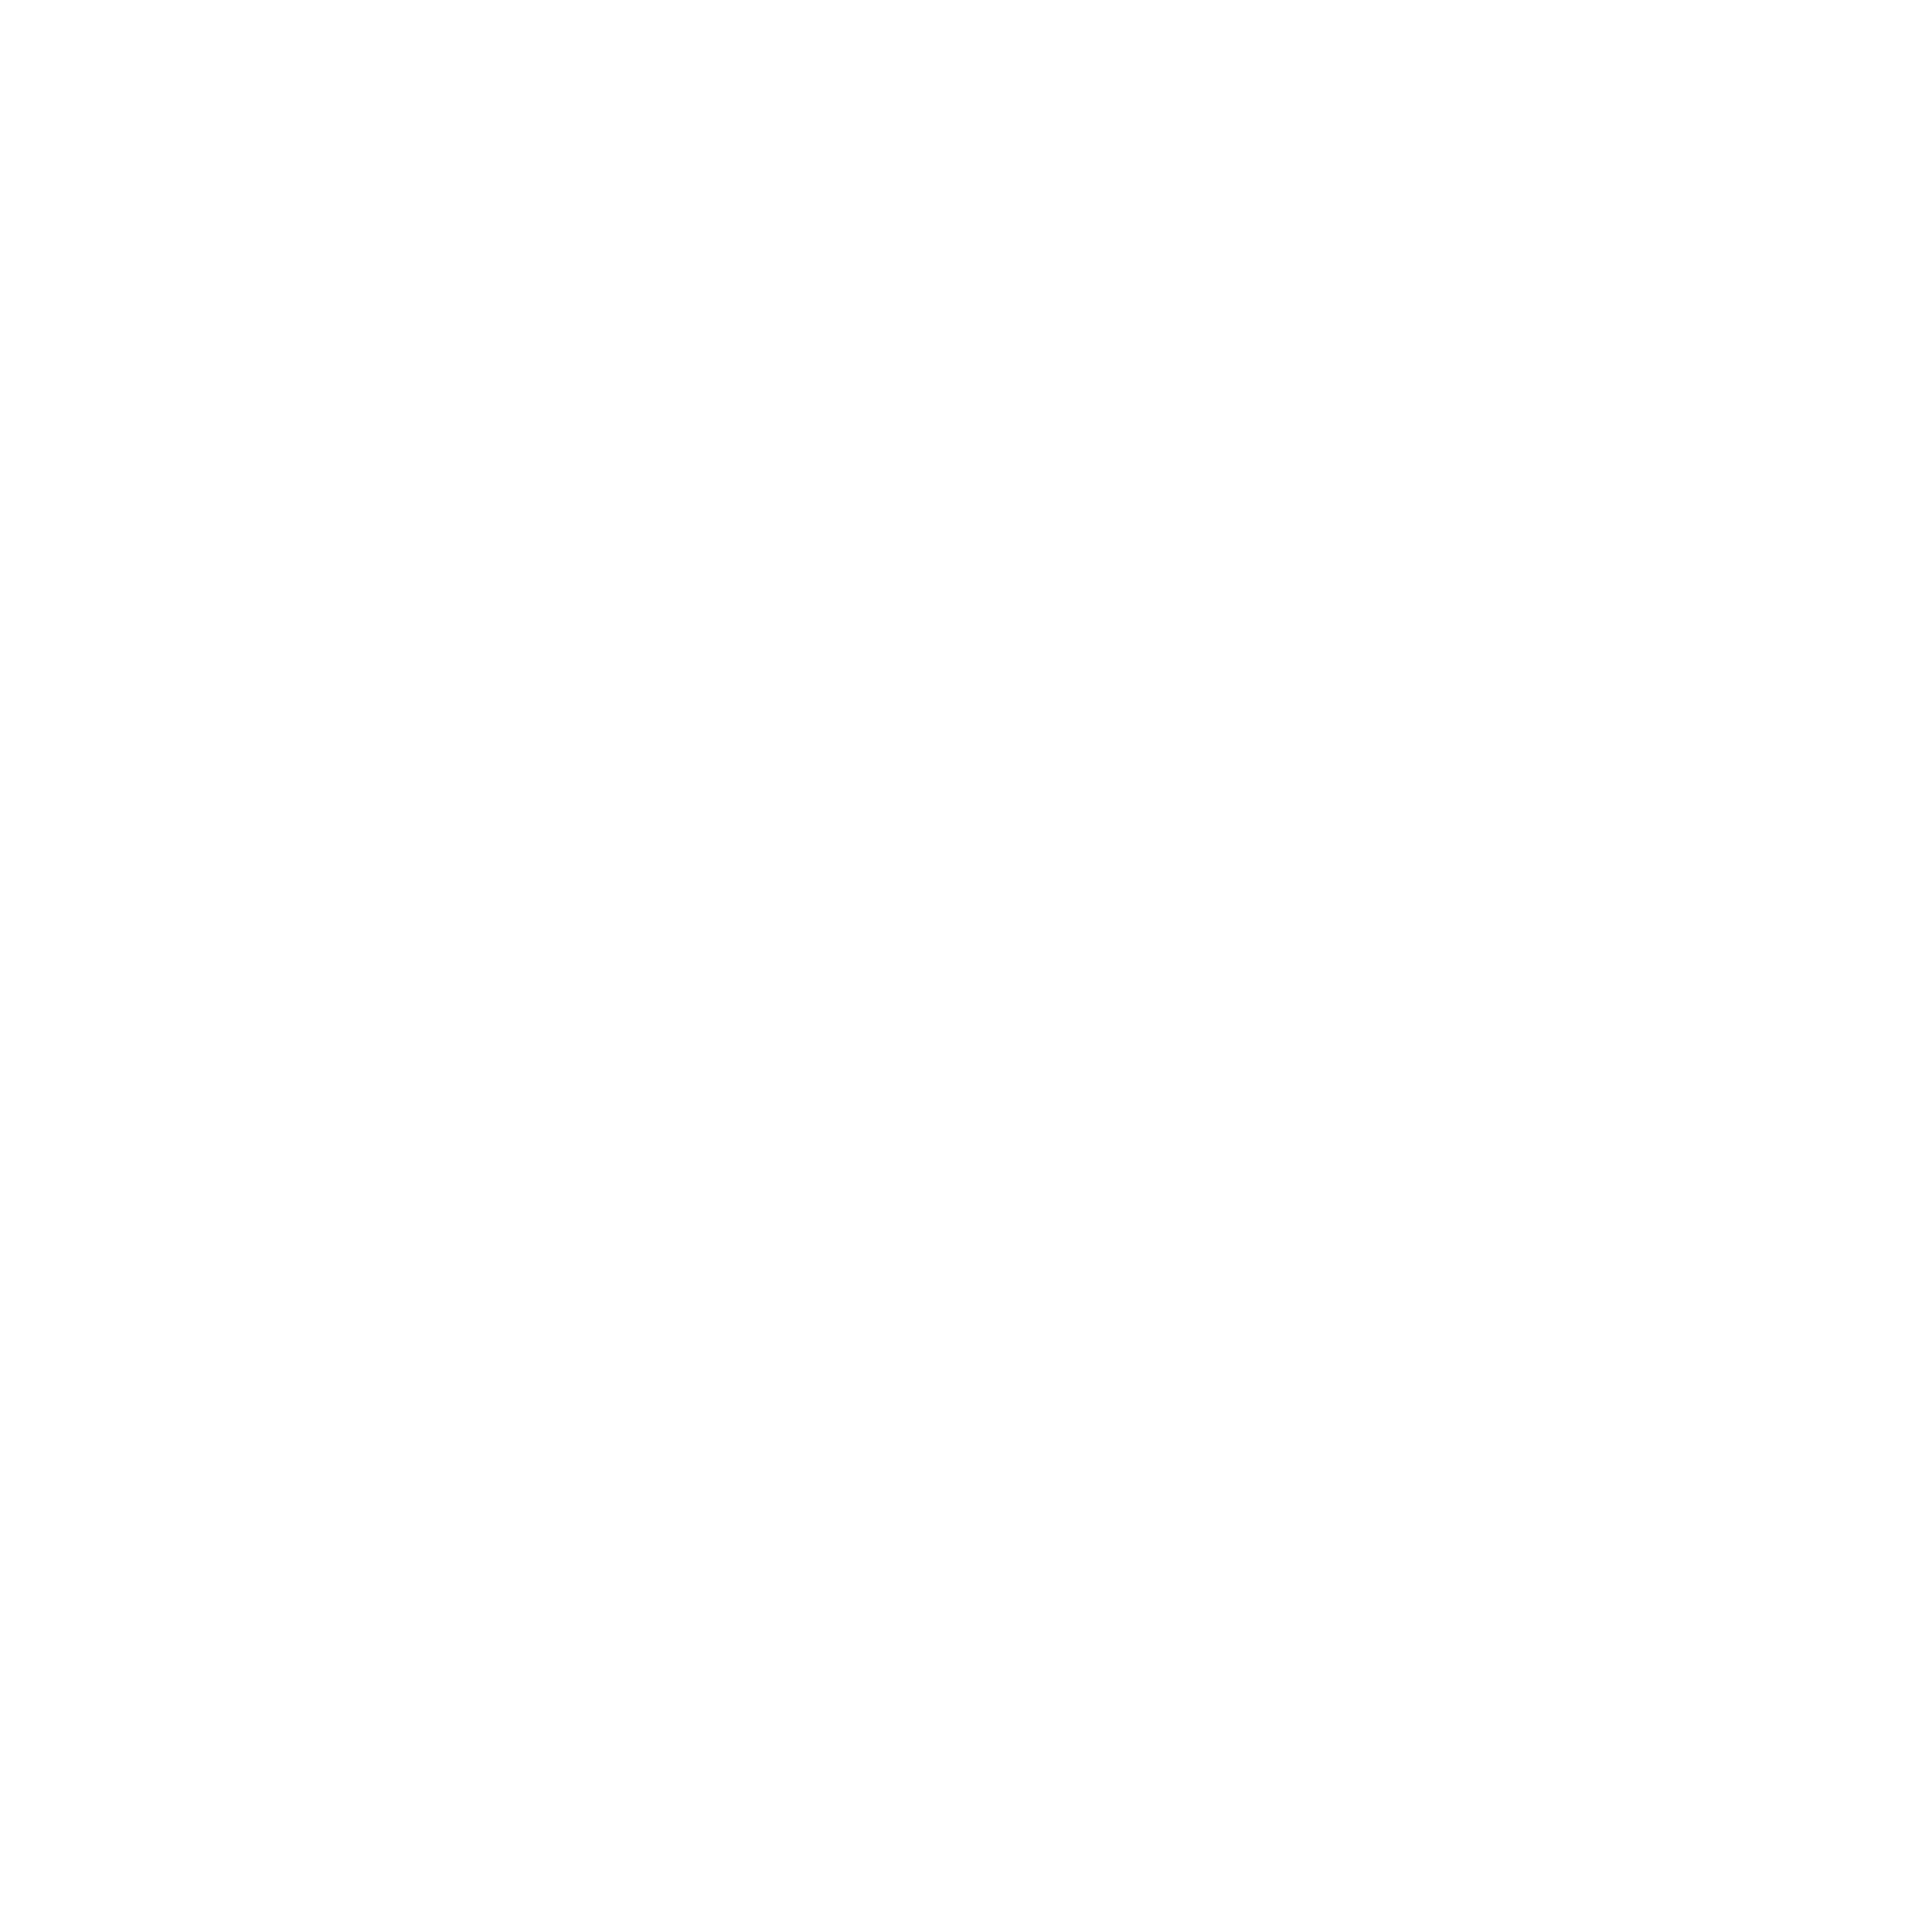 Rimmel London Logo PNG Transparent & SVG Vector.